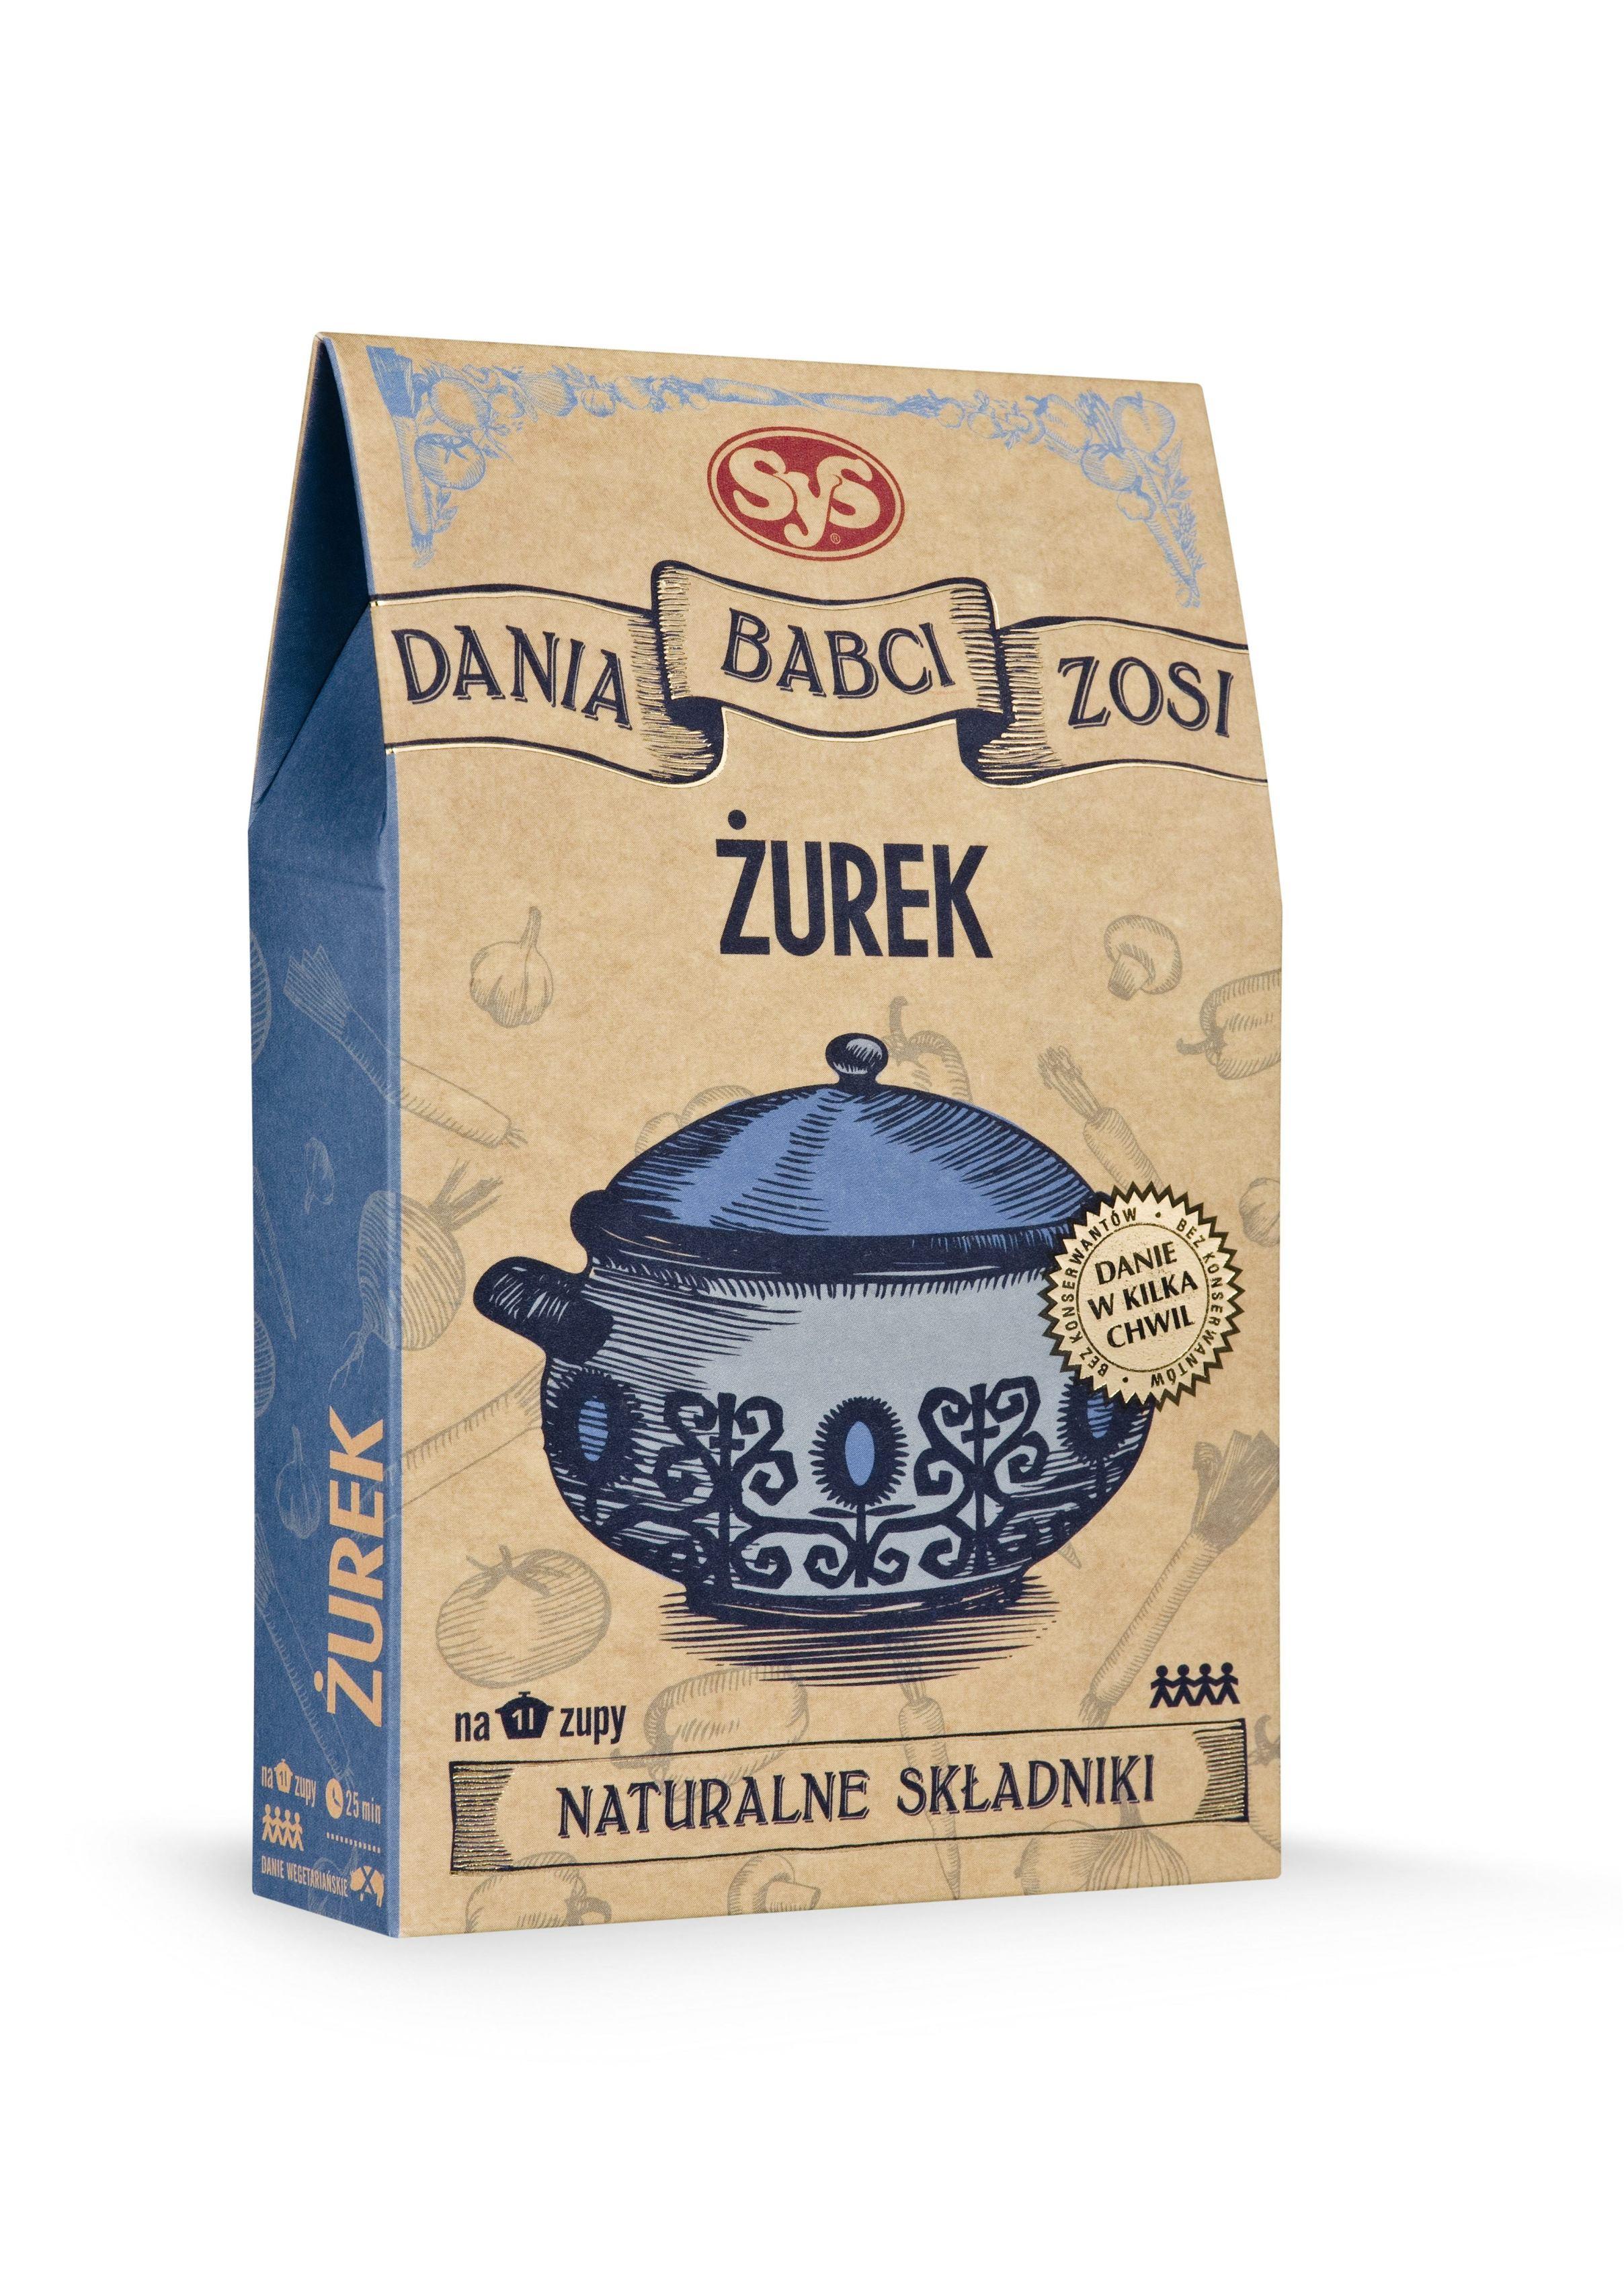 SyS_DaniaBabciZosi_zurek